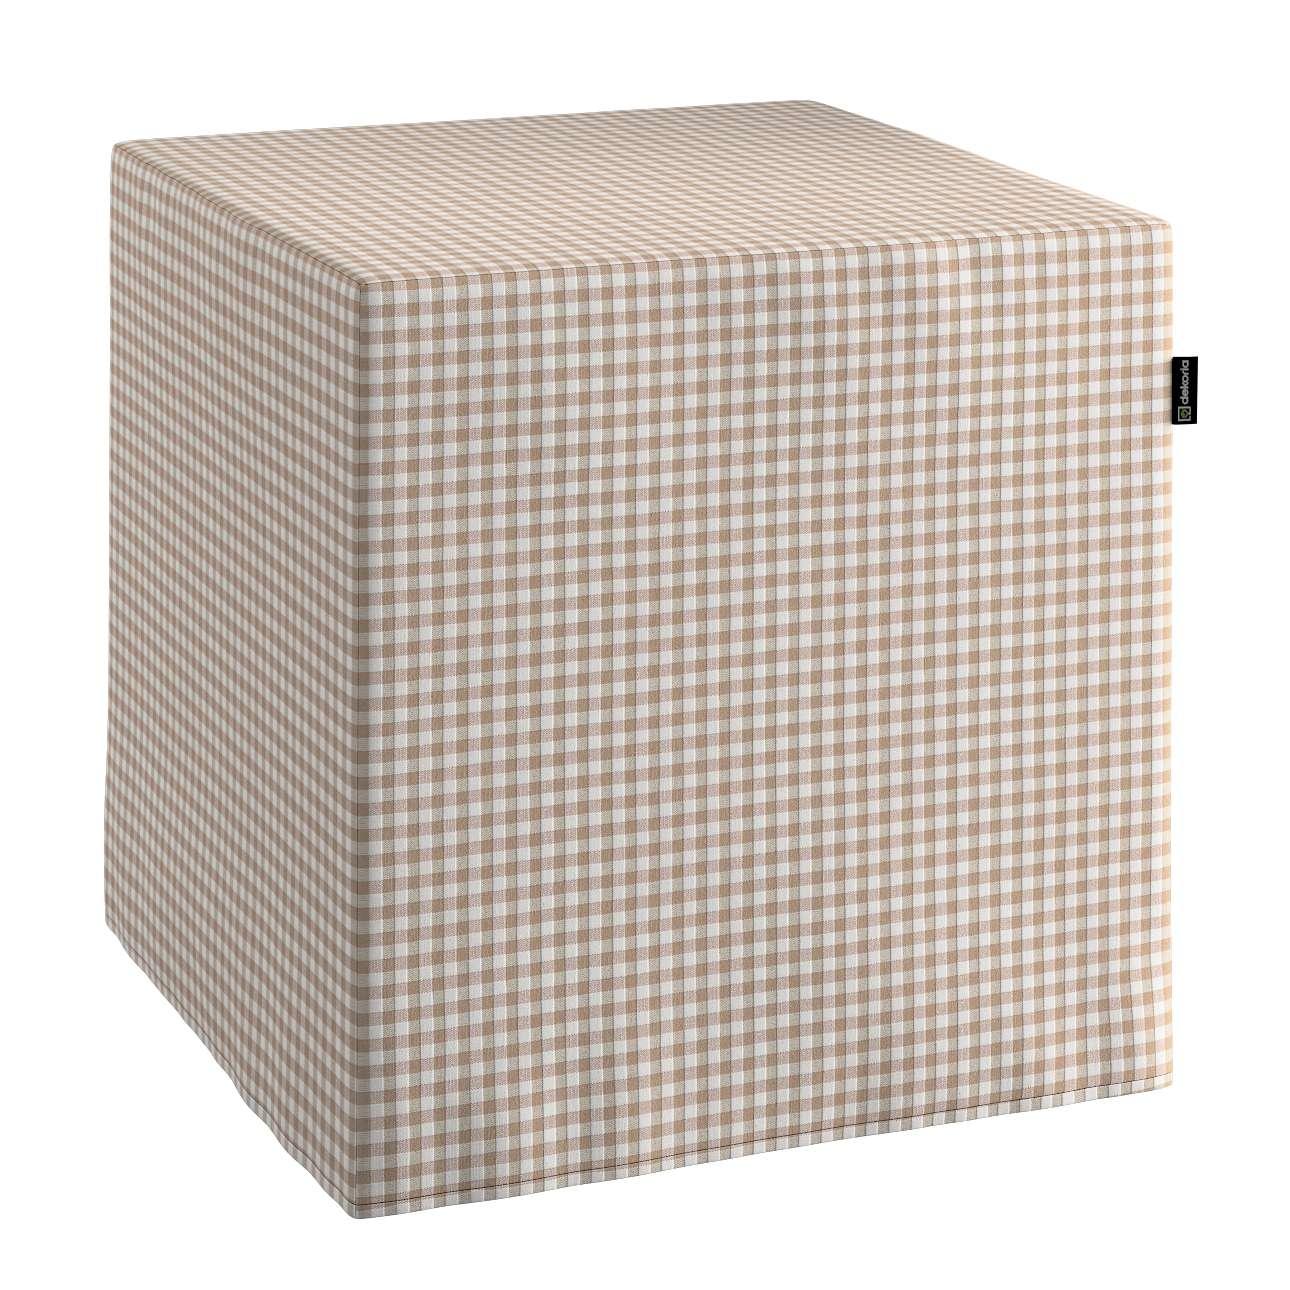 Harter Sitzwürfel 40 x 40 x 40 cm von der Kollektion Quadro, Stoff: 136-05